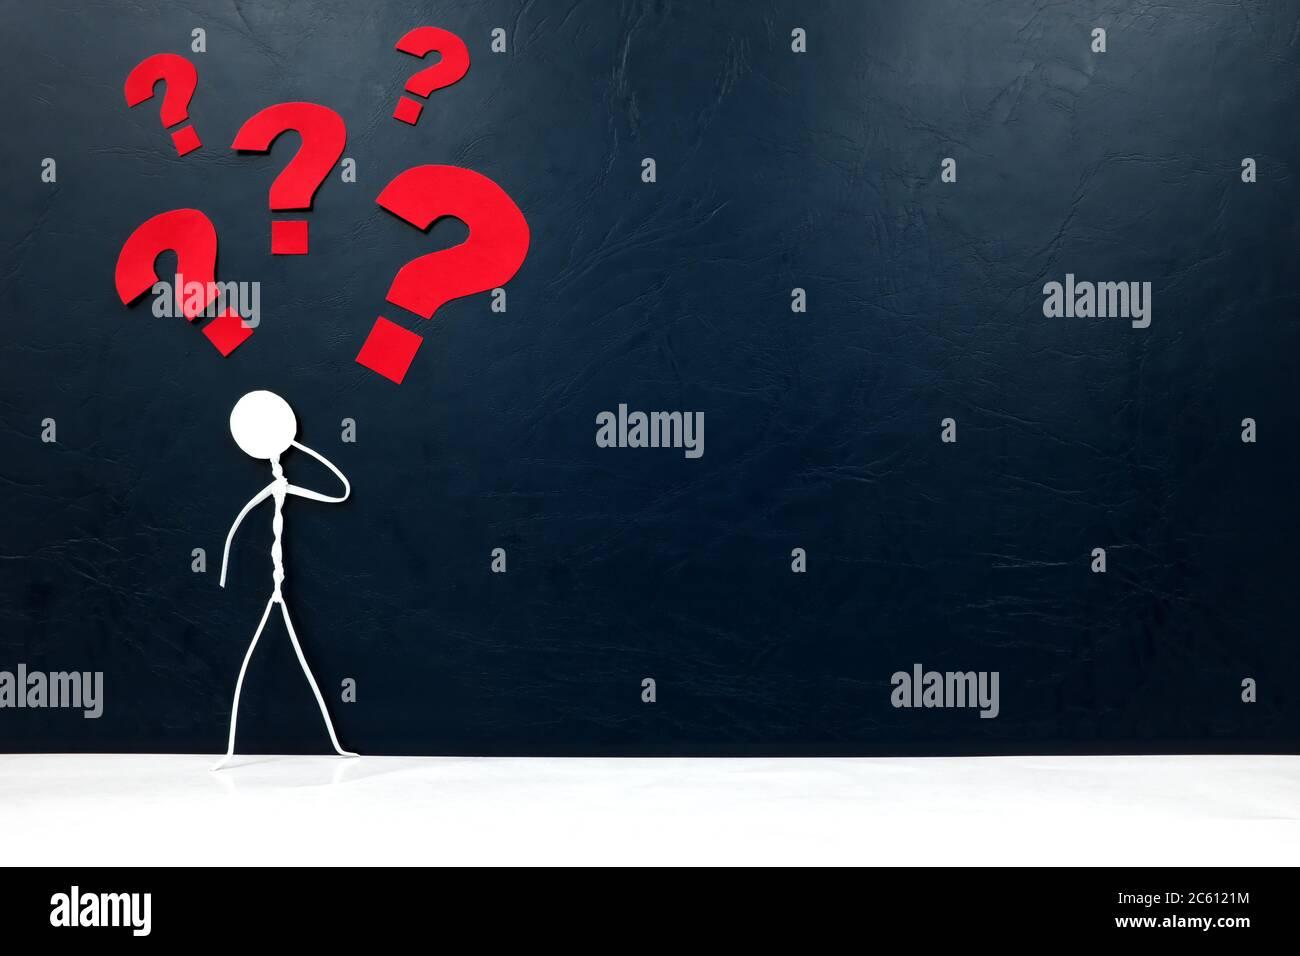 Figura de palo humano con signo de interrogación. P y A , confusión, resolución de problemas y concepto de mente vacía. Foto de stock